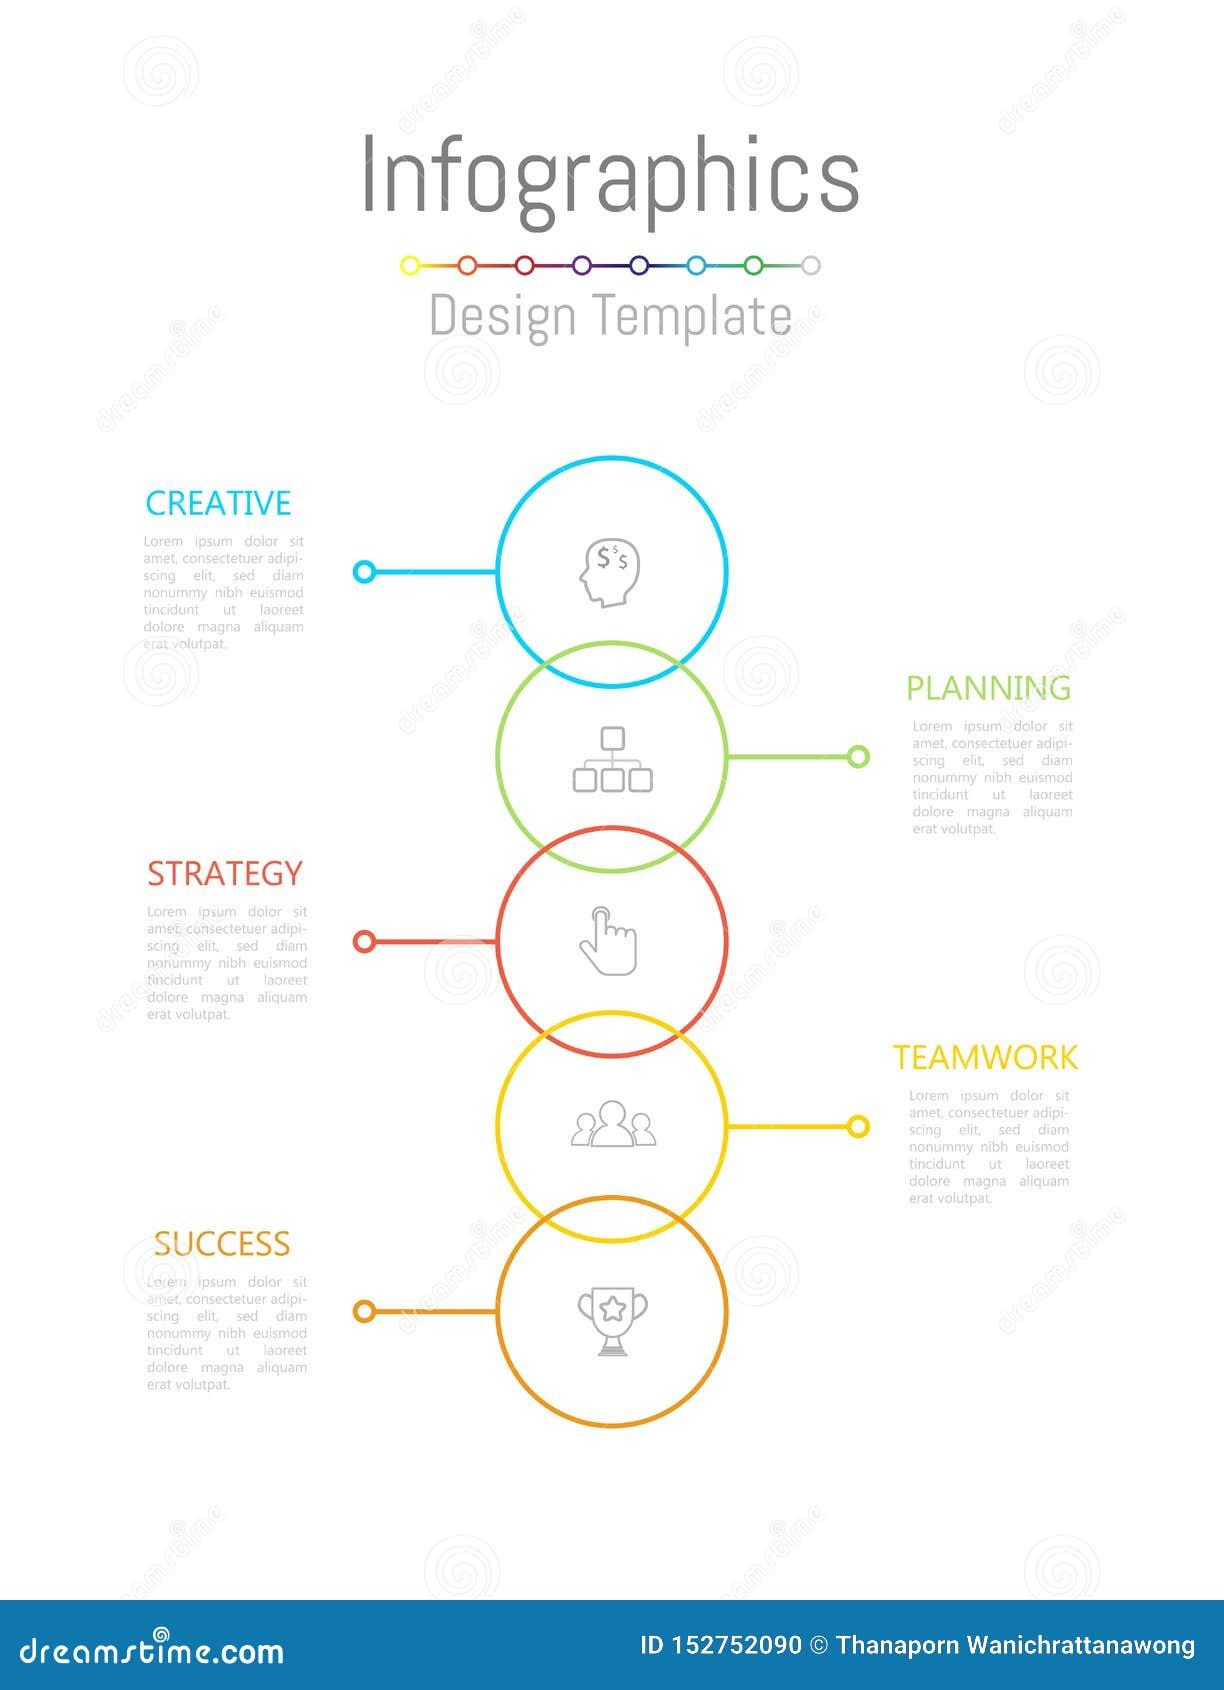 Στοιχεία σχεδίου Infographic για τα επιχειρησιακά στοιχεία σας με τις 5 επιλογές, τα μέρη, τα βήματα, υποδείξεις ως προς το χρόνο